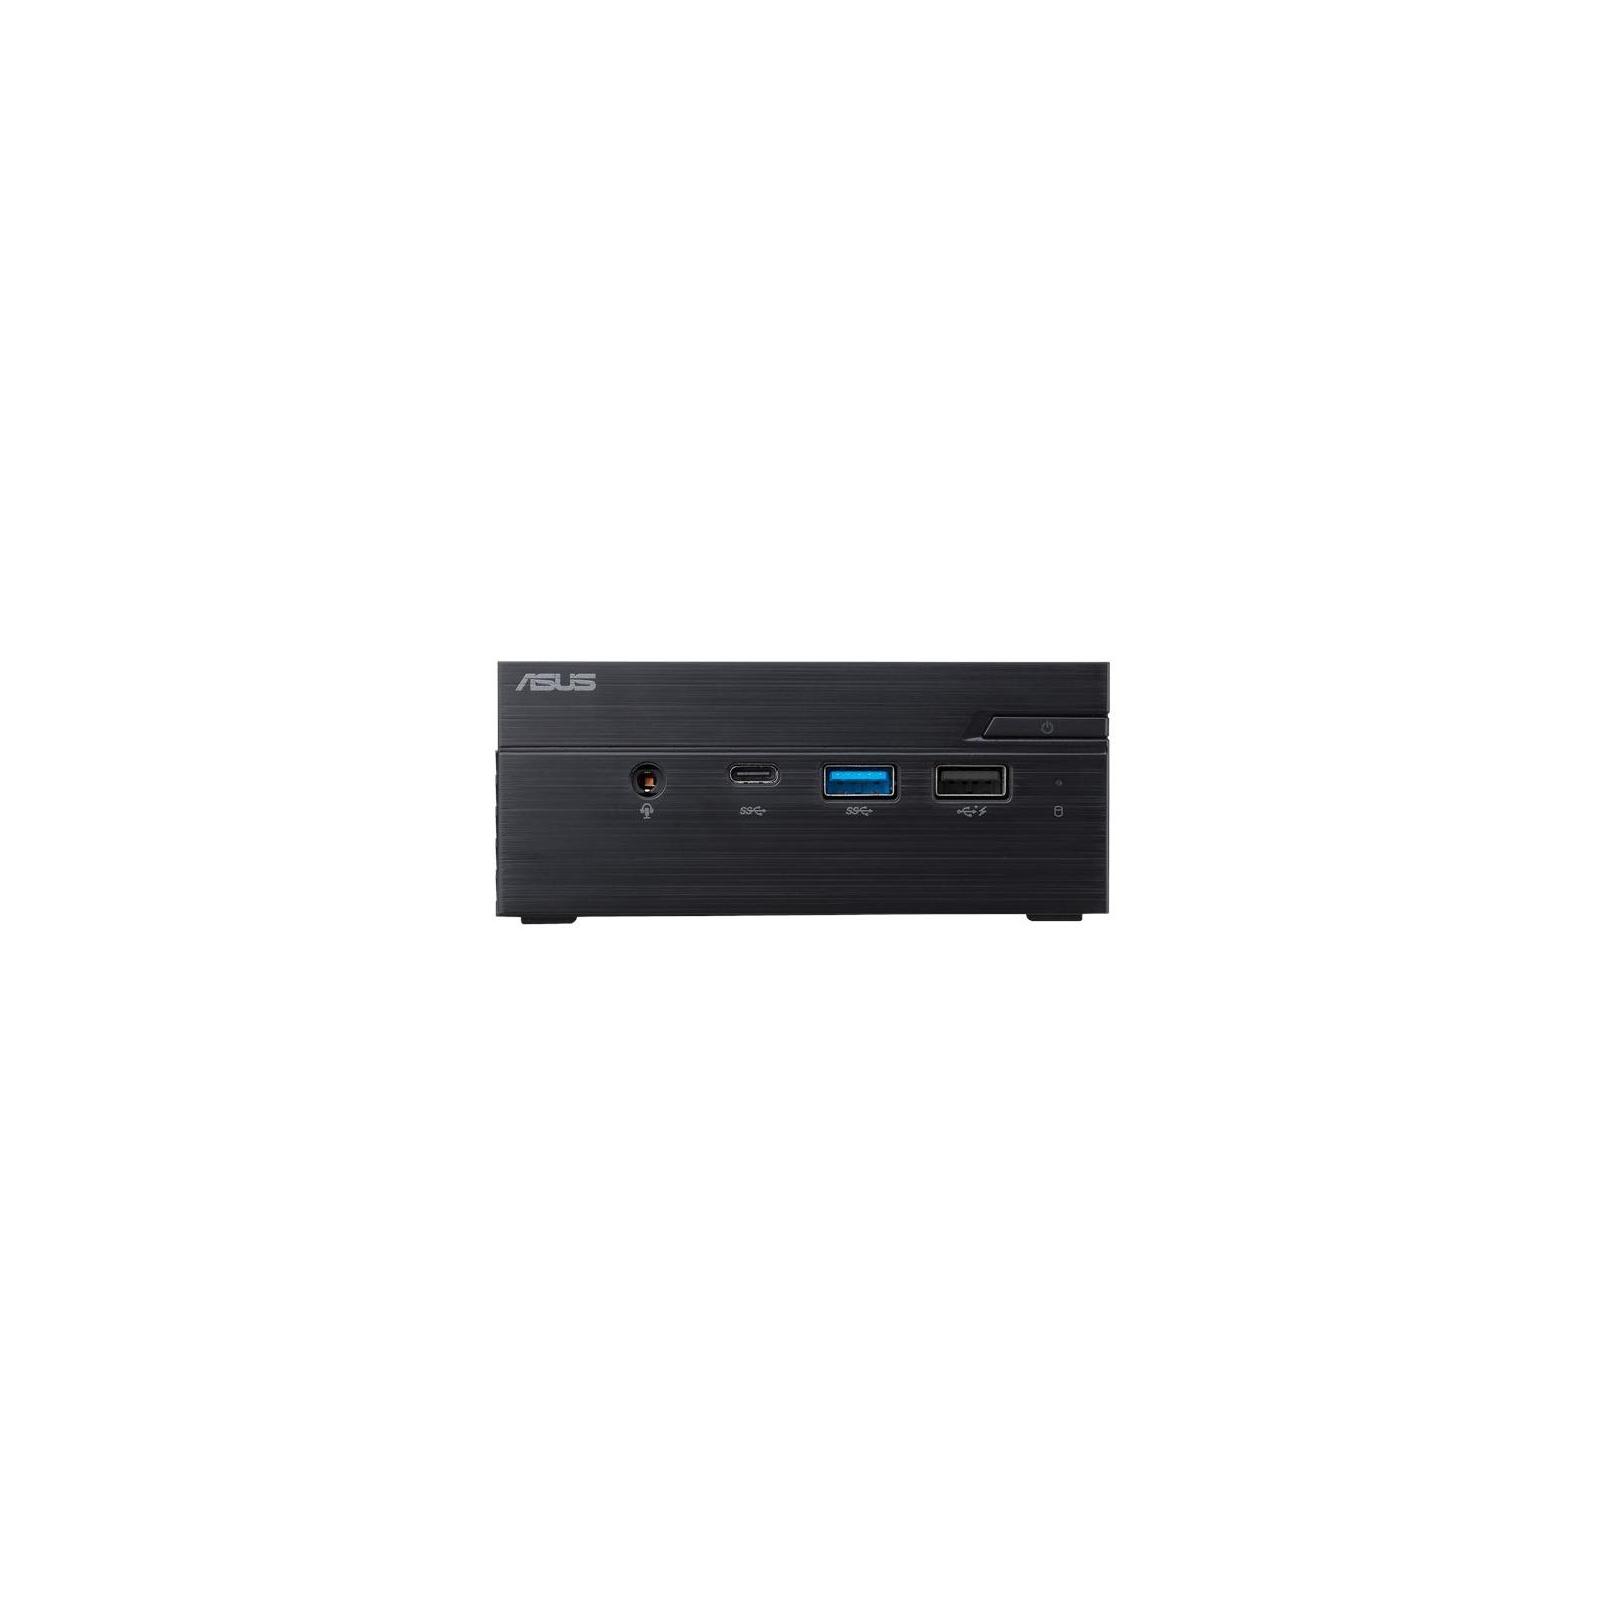 Компьютер ASUS PN40-BB009MC (90MS0181-M01480) изображение 2